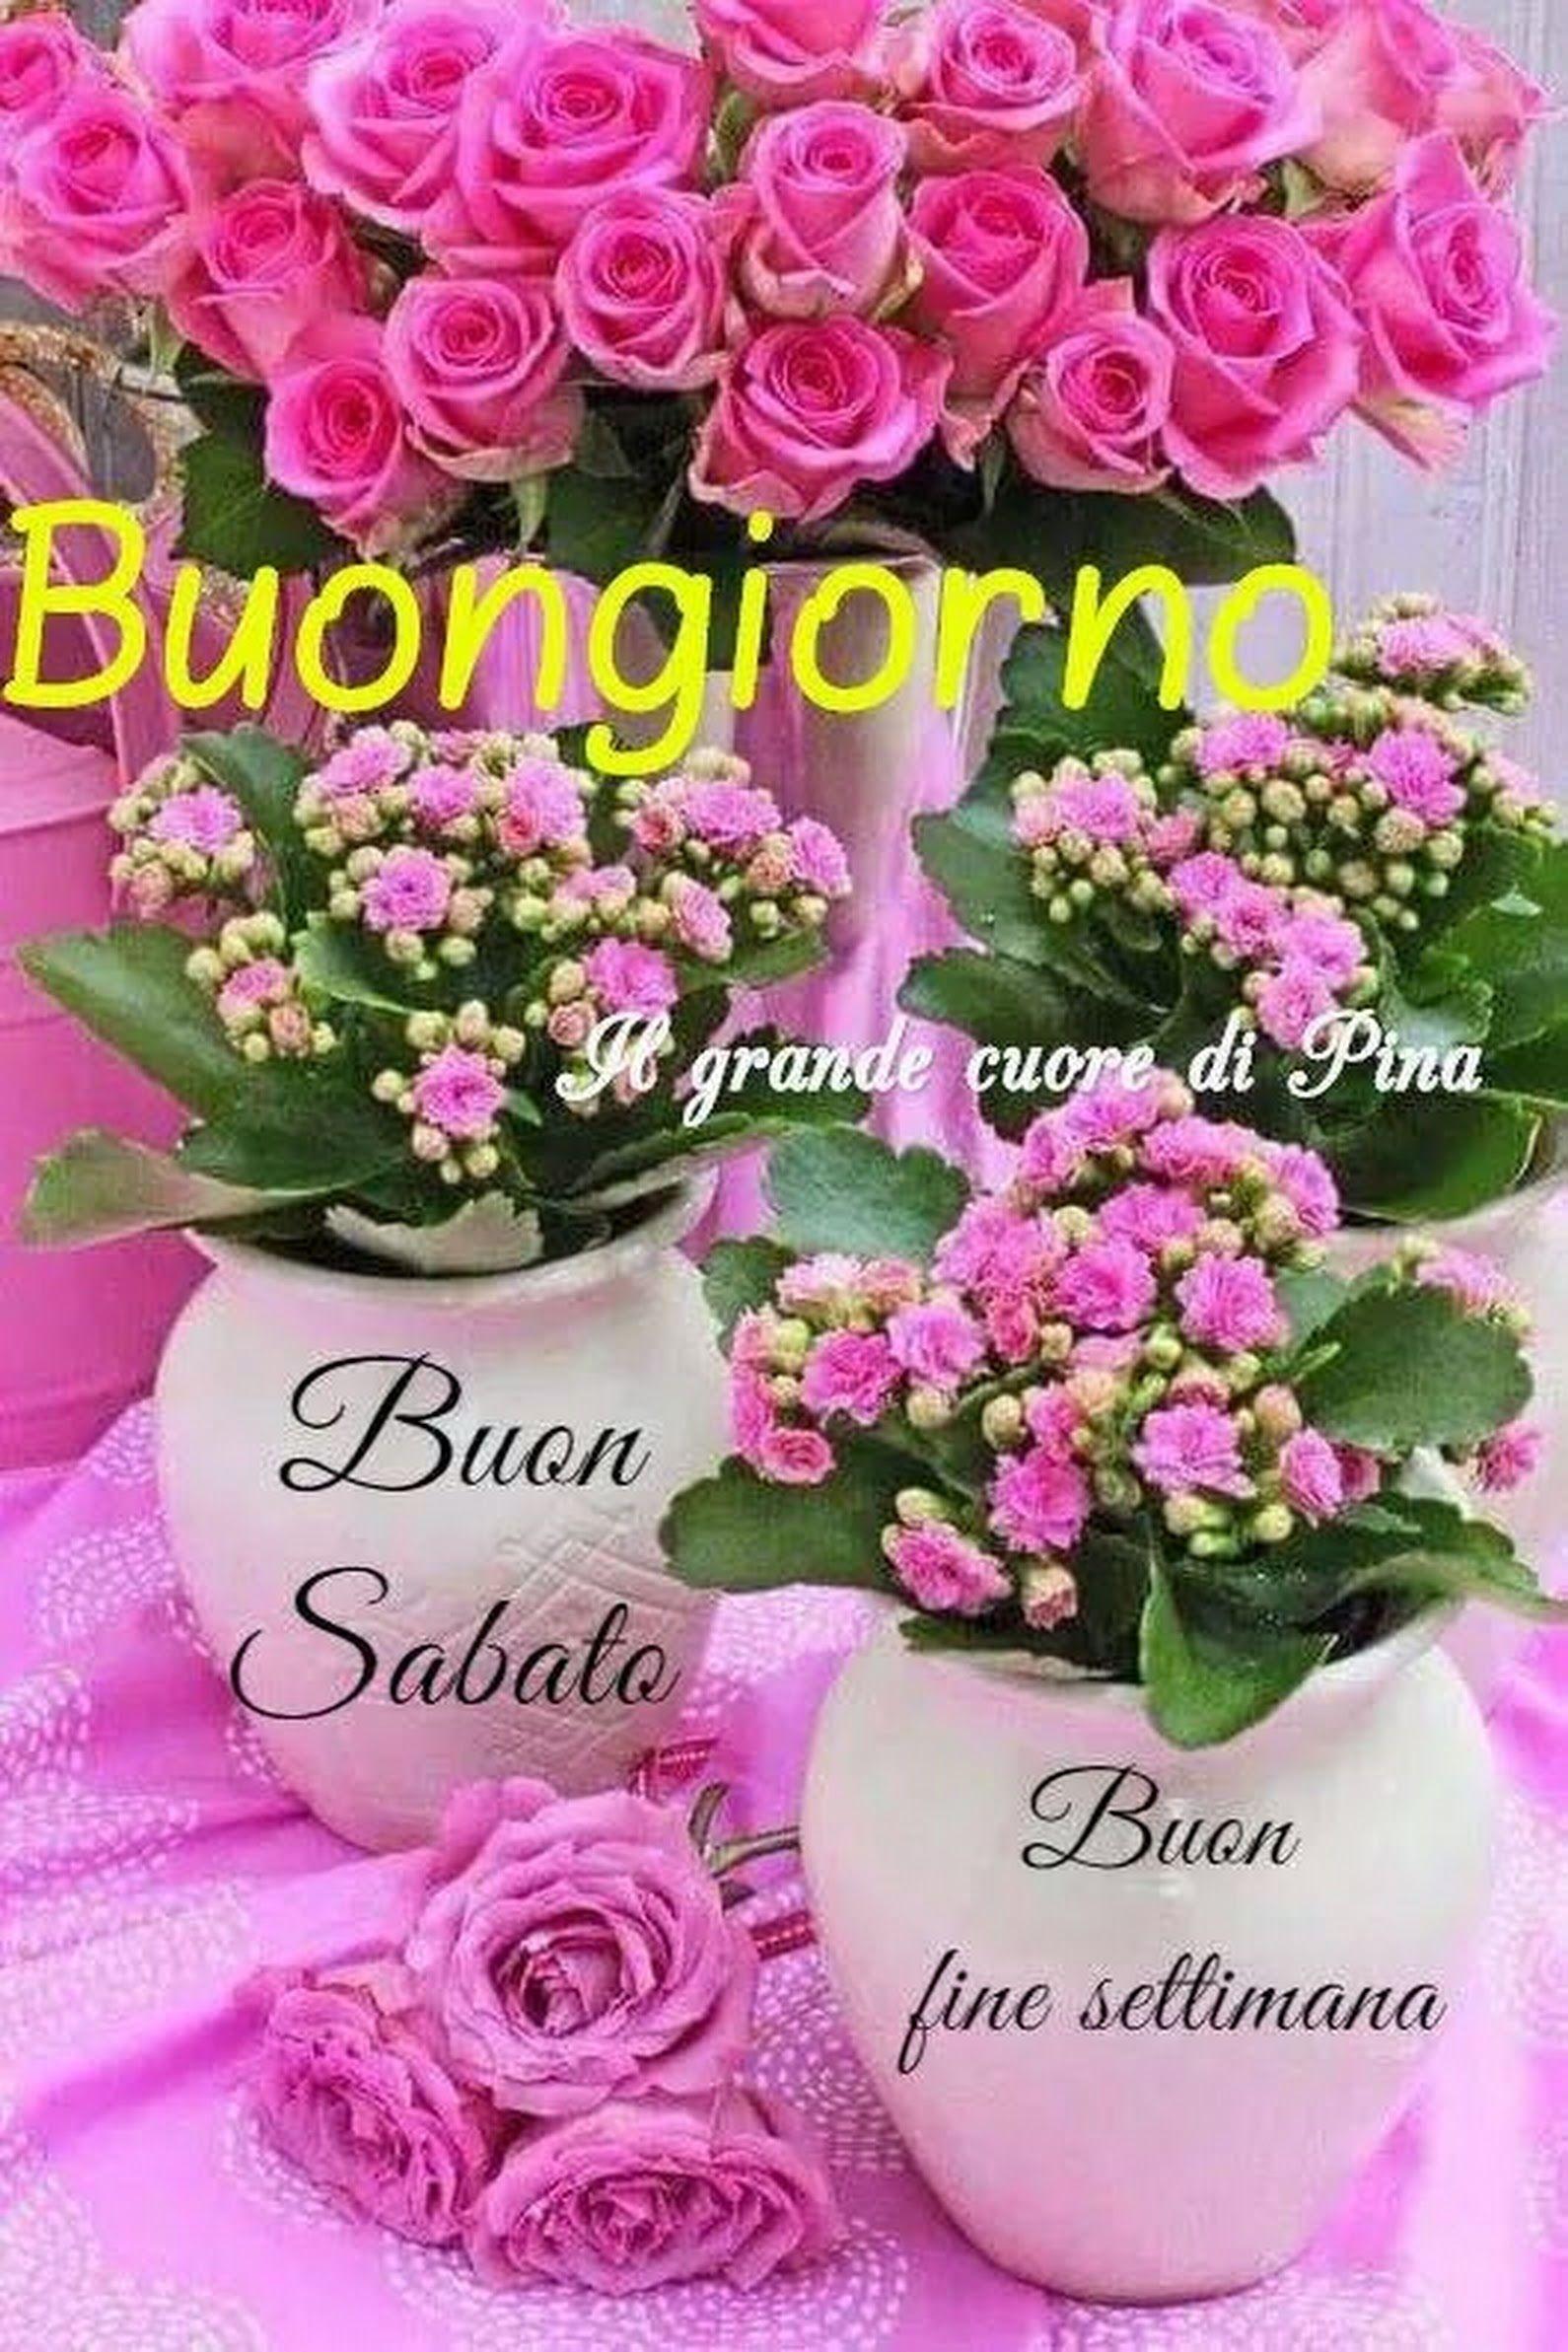 Buongiorno Buon Sabato A Tutti Paola Legni